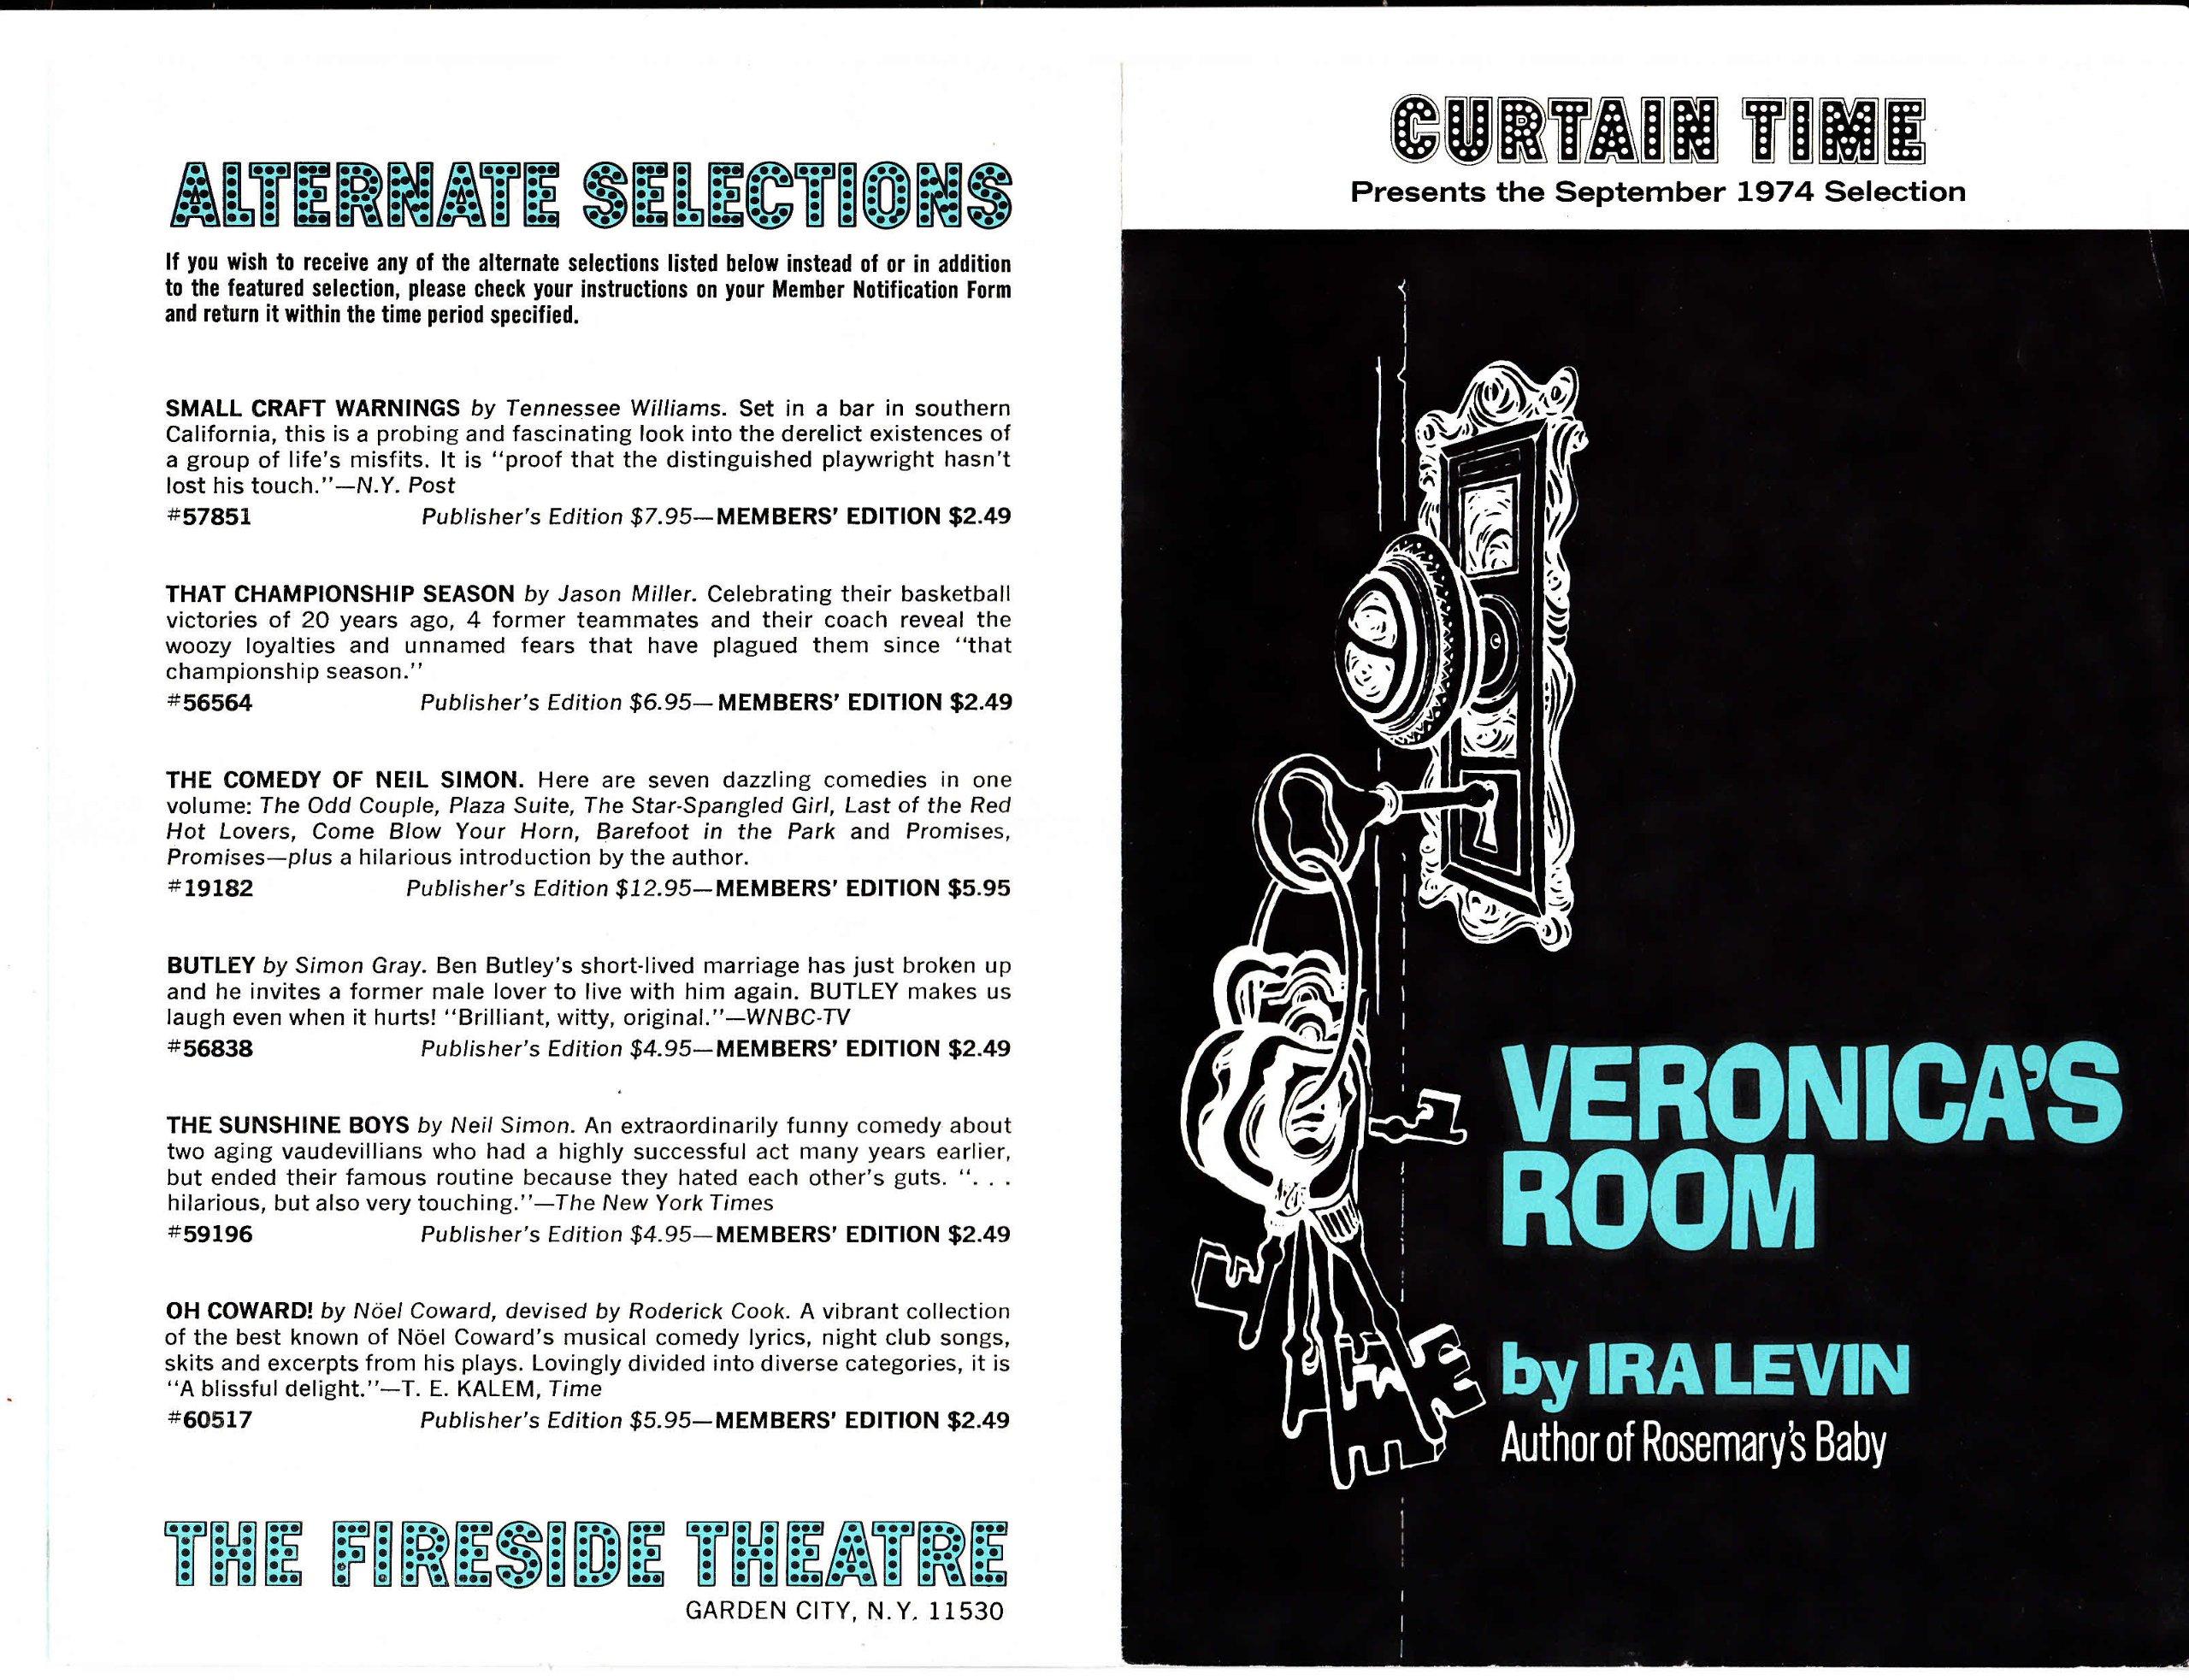 1974 Fireside Theatre Garden City NJ Veronics's Room